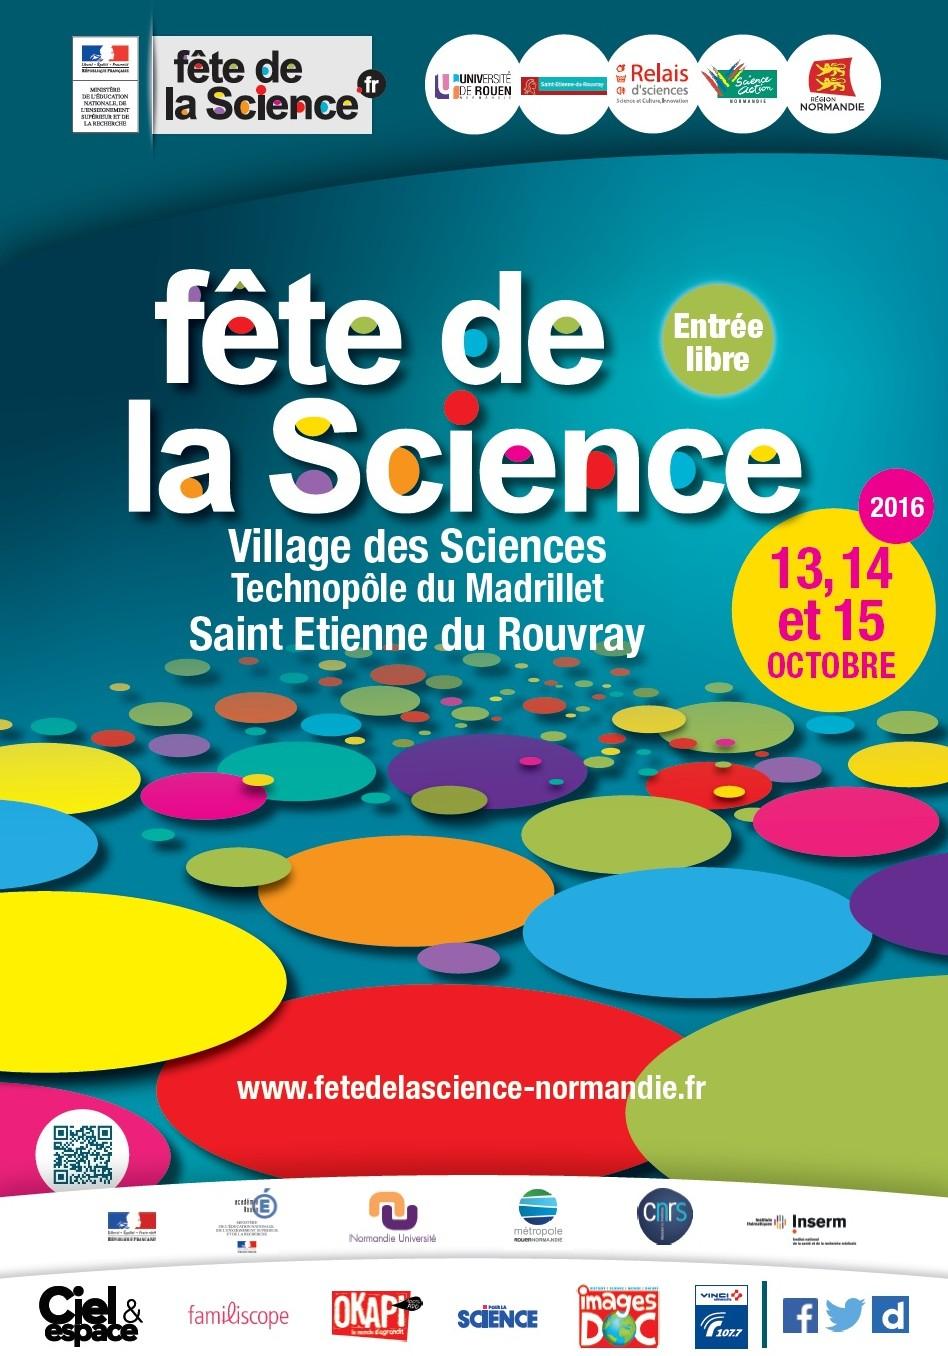 affiche-fete-science-2016